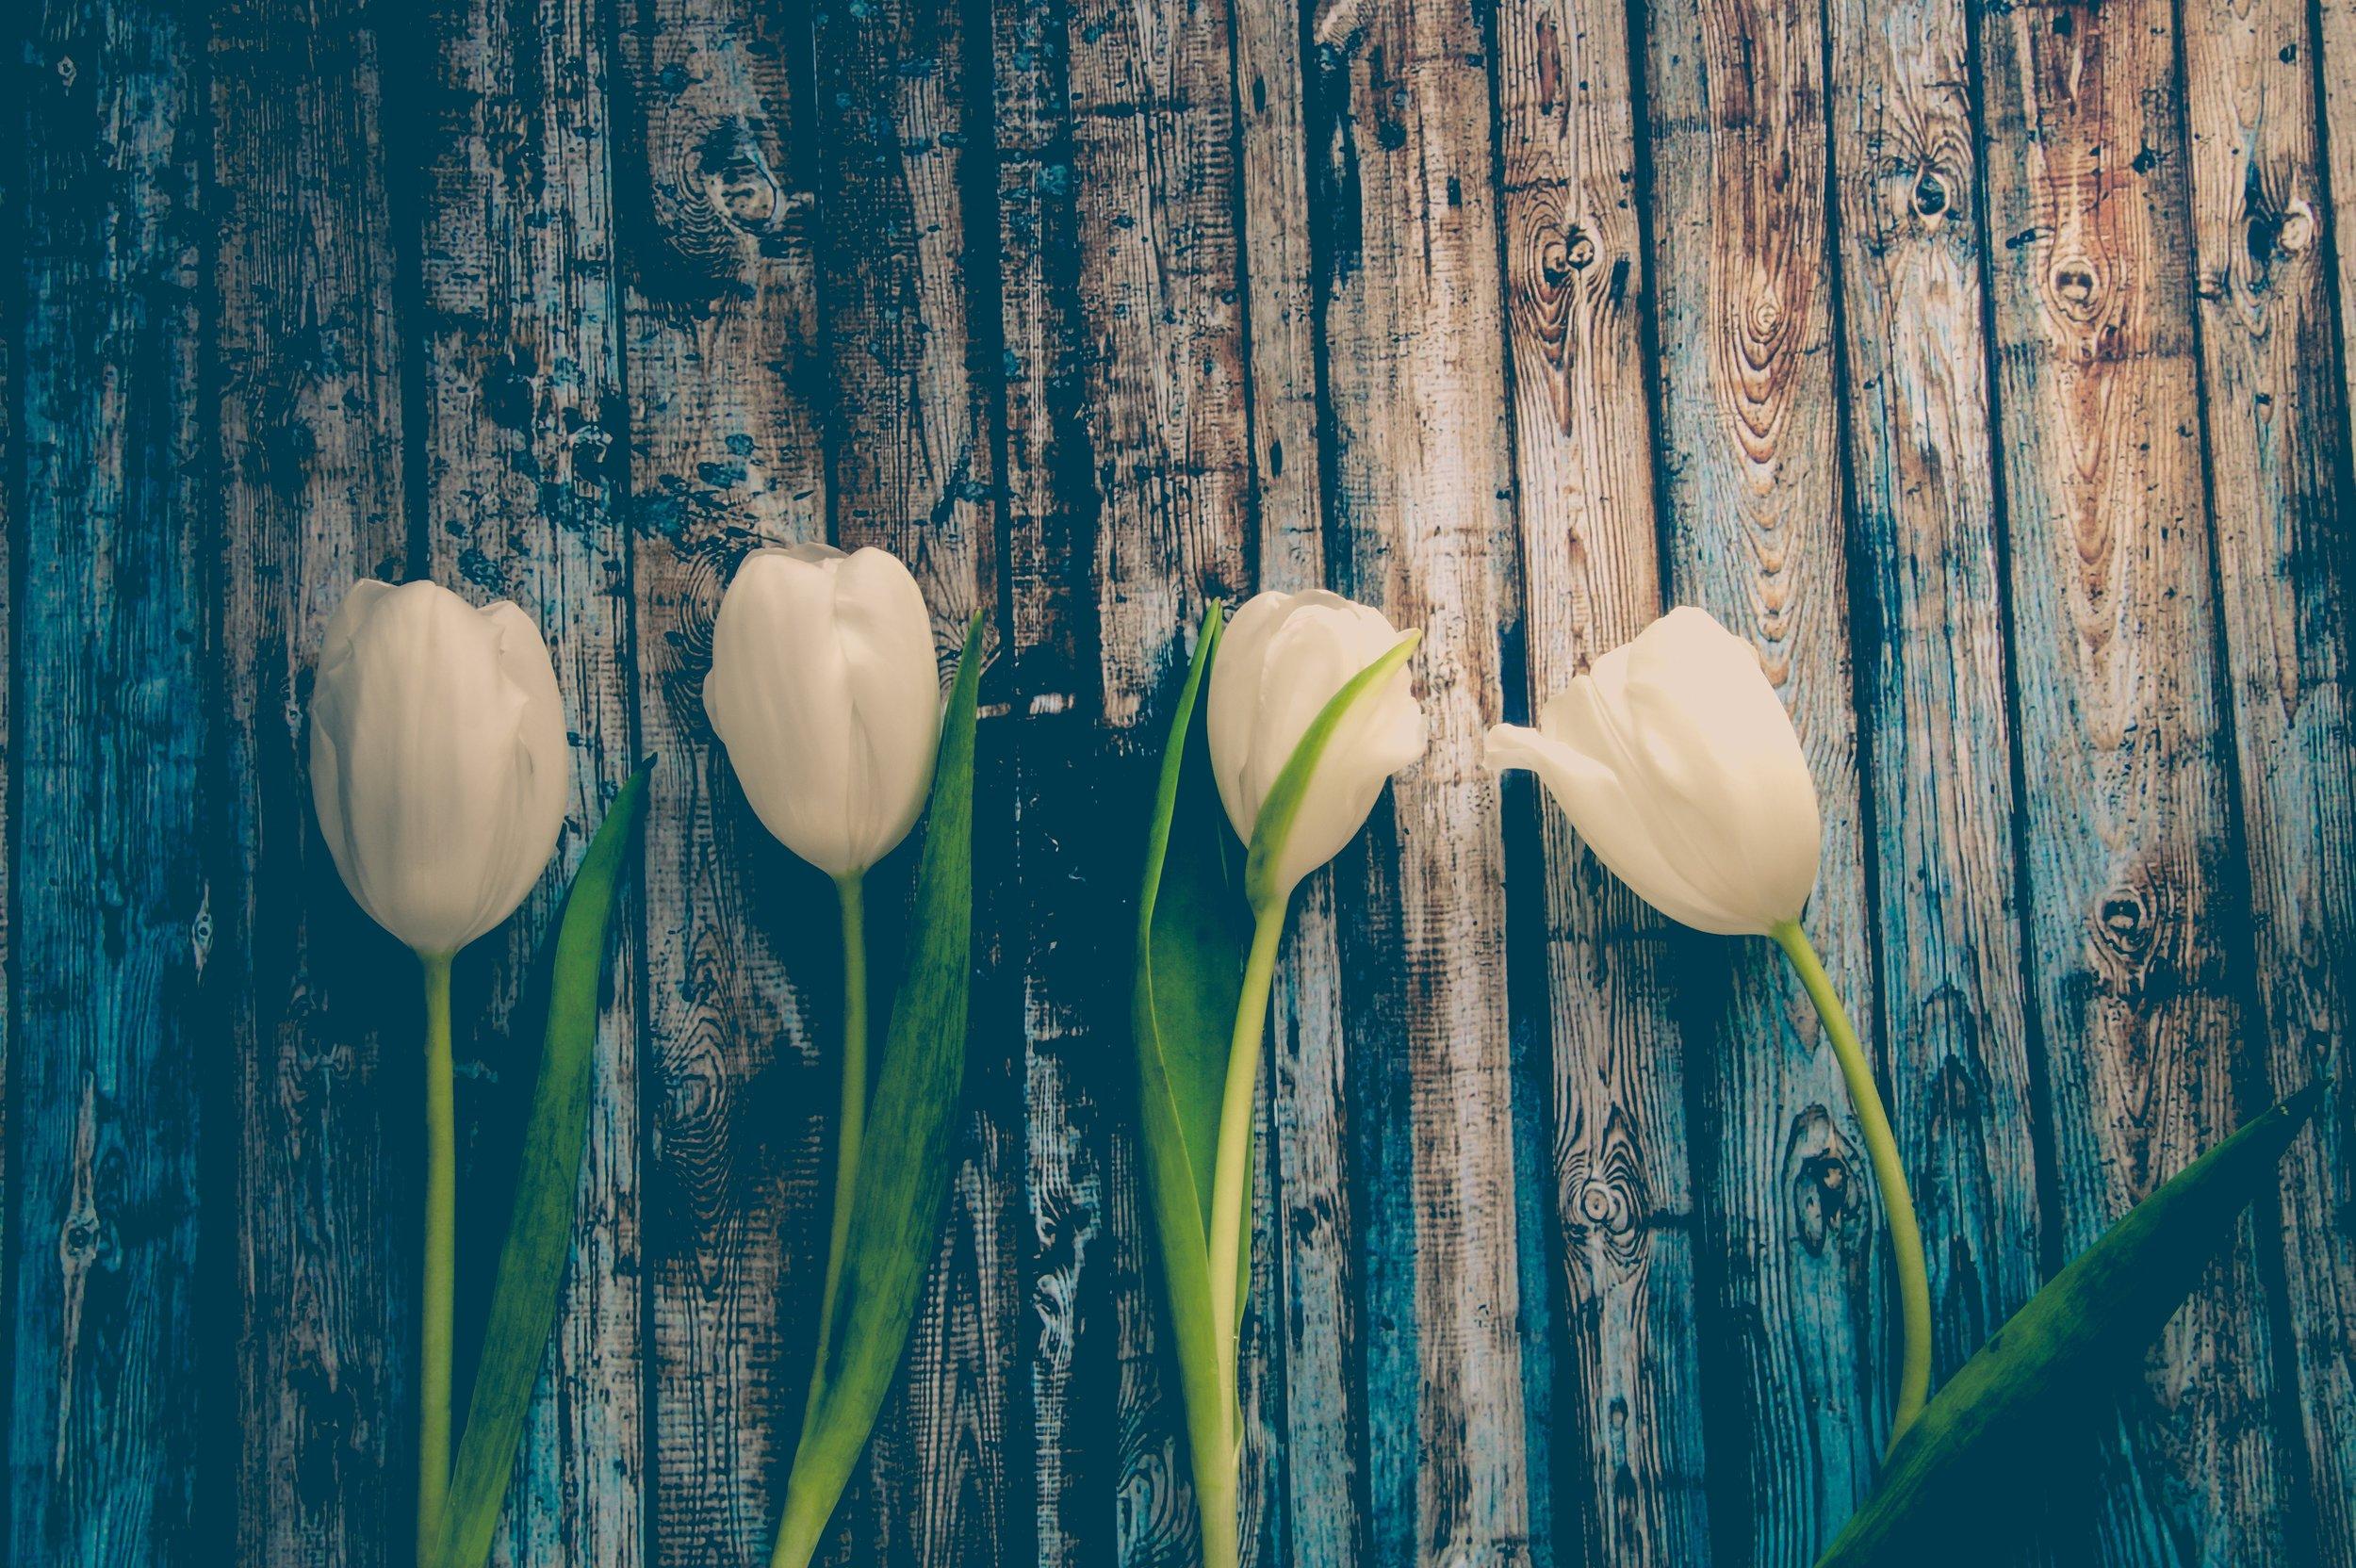 Bryn Mawr Therapy, ptsd, yoga, anxiety, depression